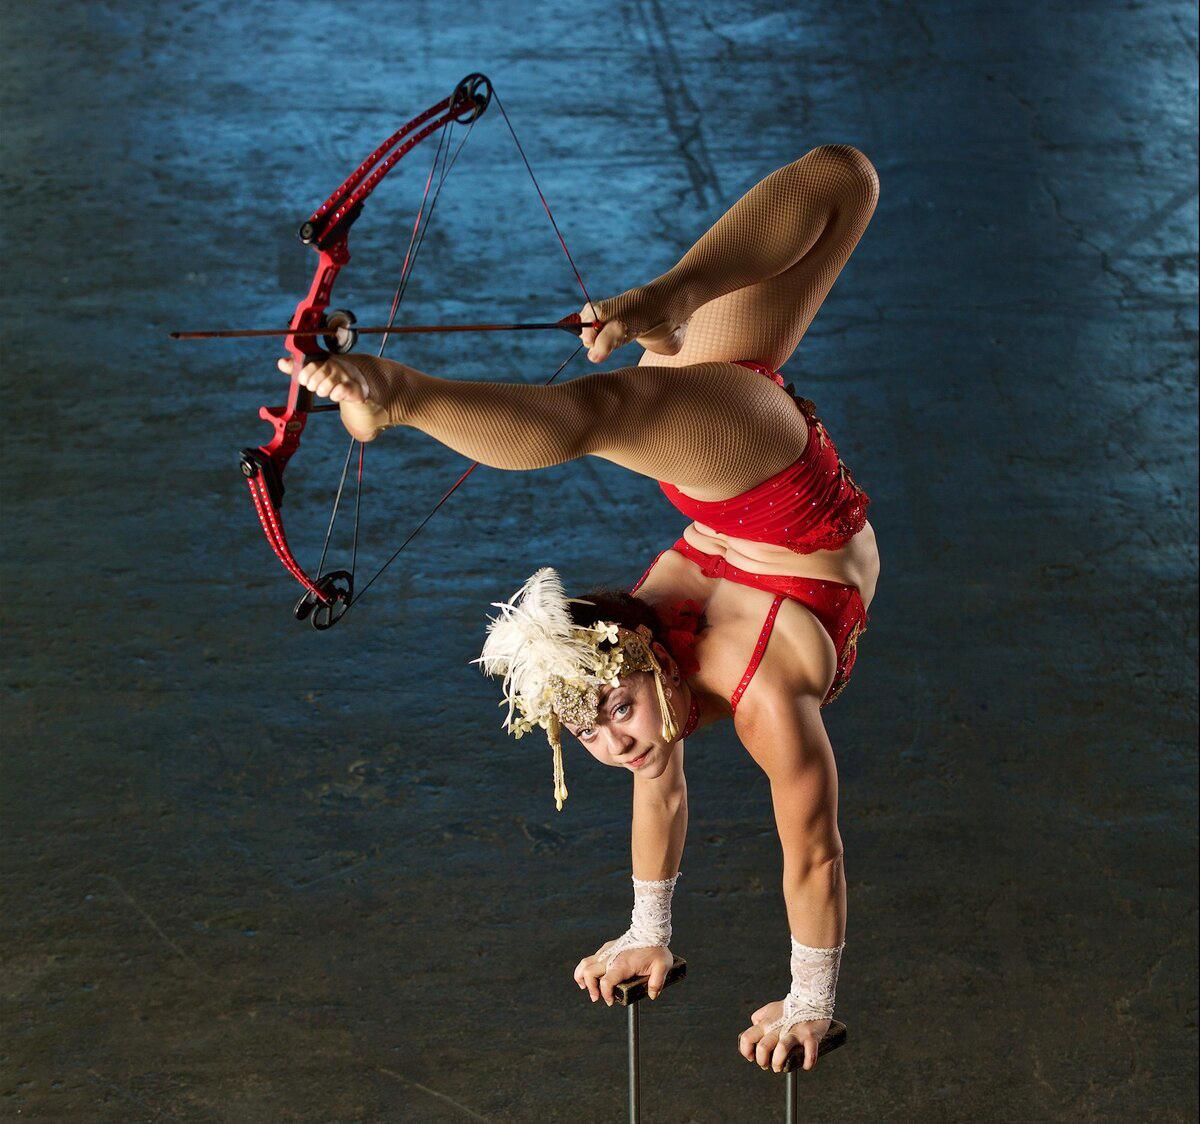 11 năm gắn bó trong nghề biểu diễn xiếc, Brittany Walsh (người Mỹ) đã ghi tên mình vào danh sách kỷ lục Guinness với thành tích bắn cung bằng chân 12,3m.